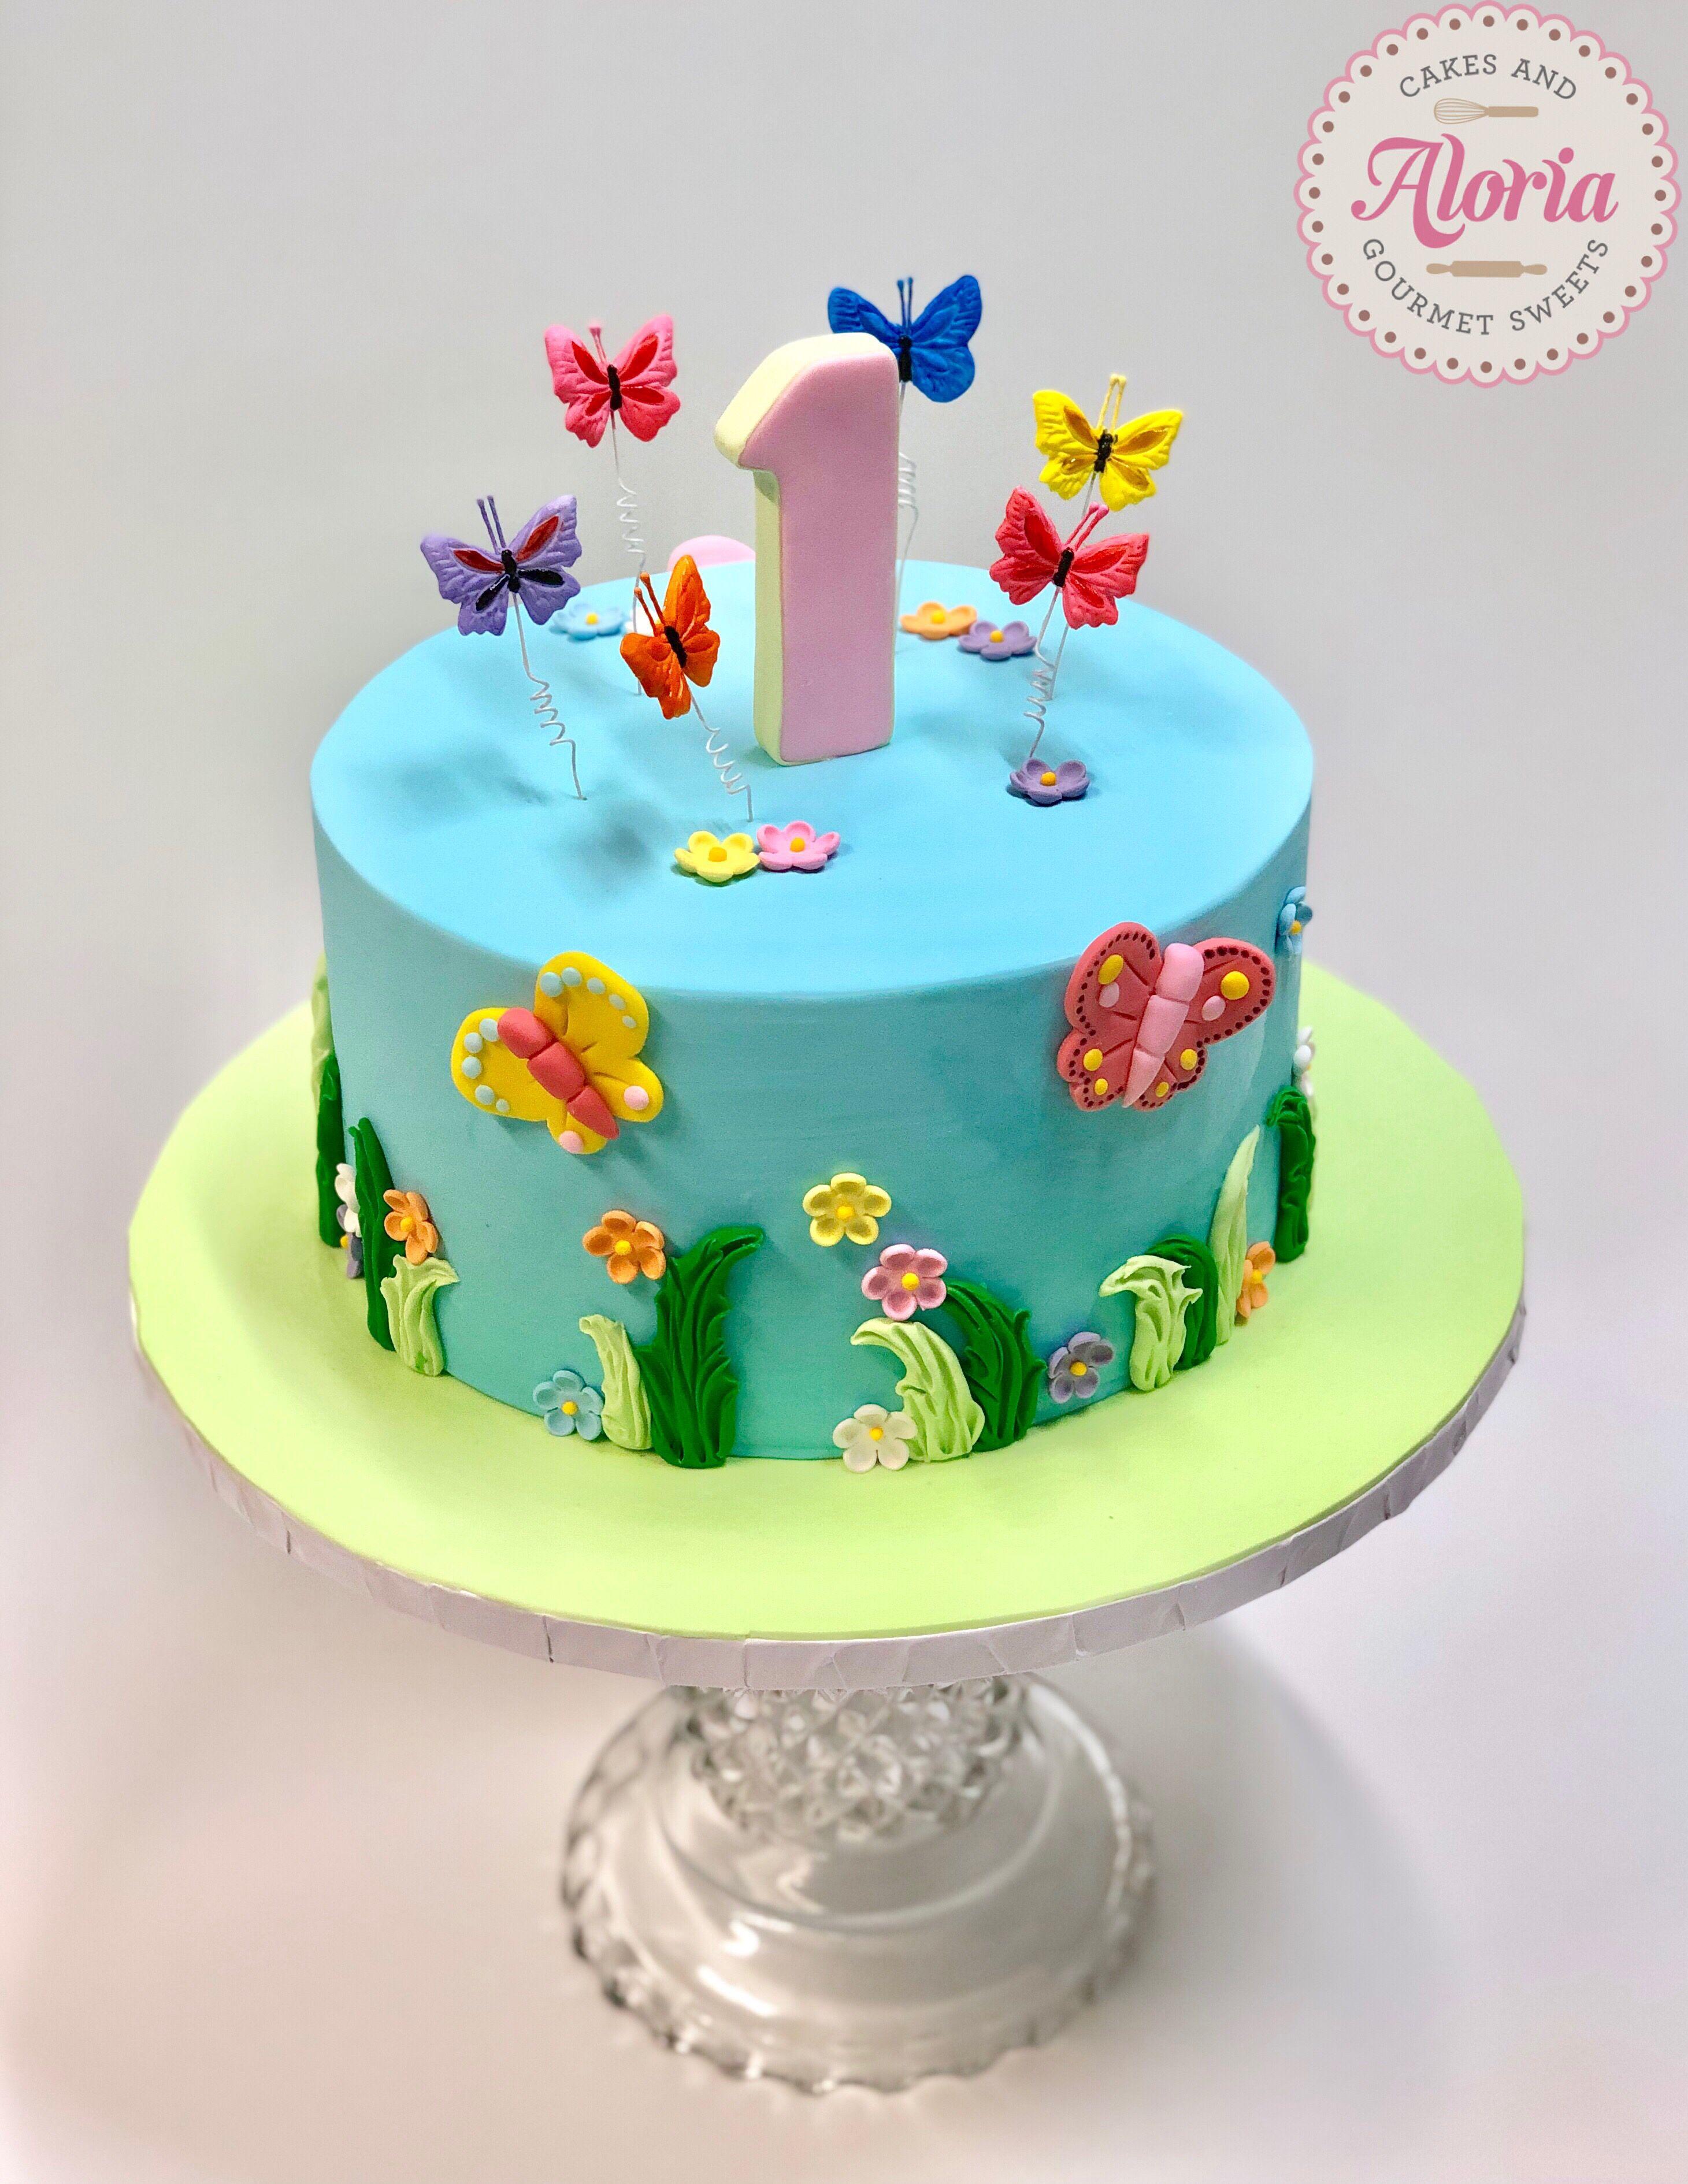 Superb First Birthday Cake Garden Cake Butterfly Cake Butterfly Funny Birthday Cards Online Kookostrdamsfinfo